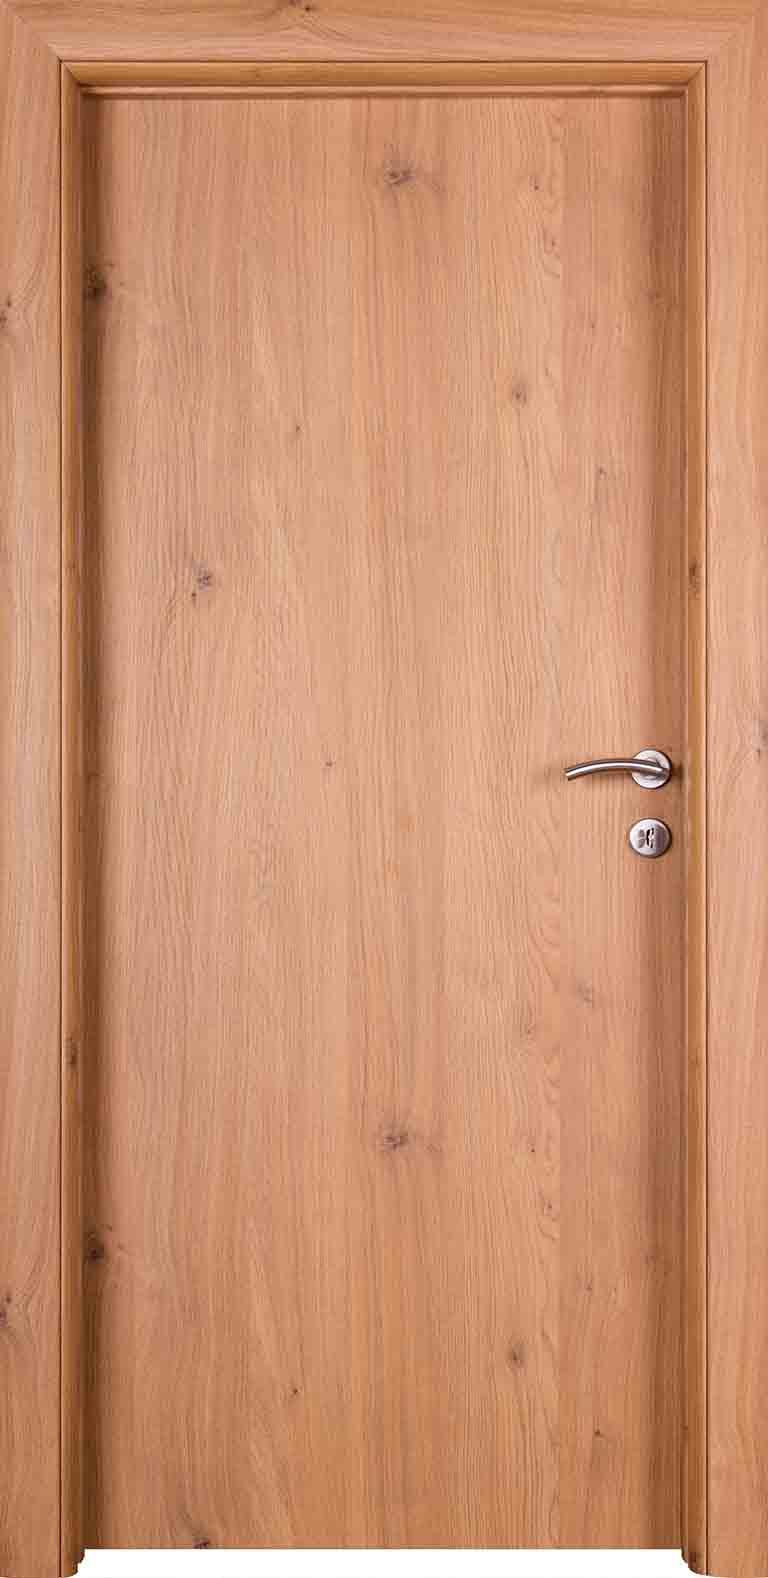 protuprovalna vrata forlux premium hrast